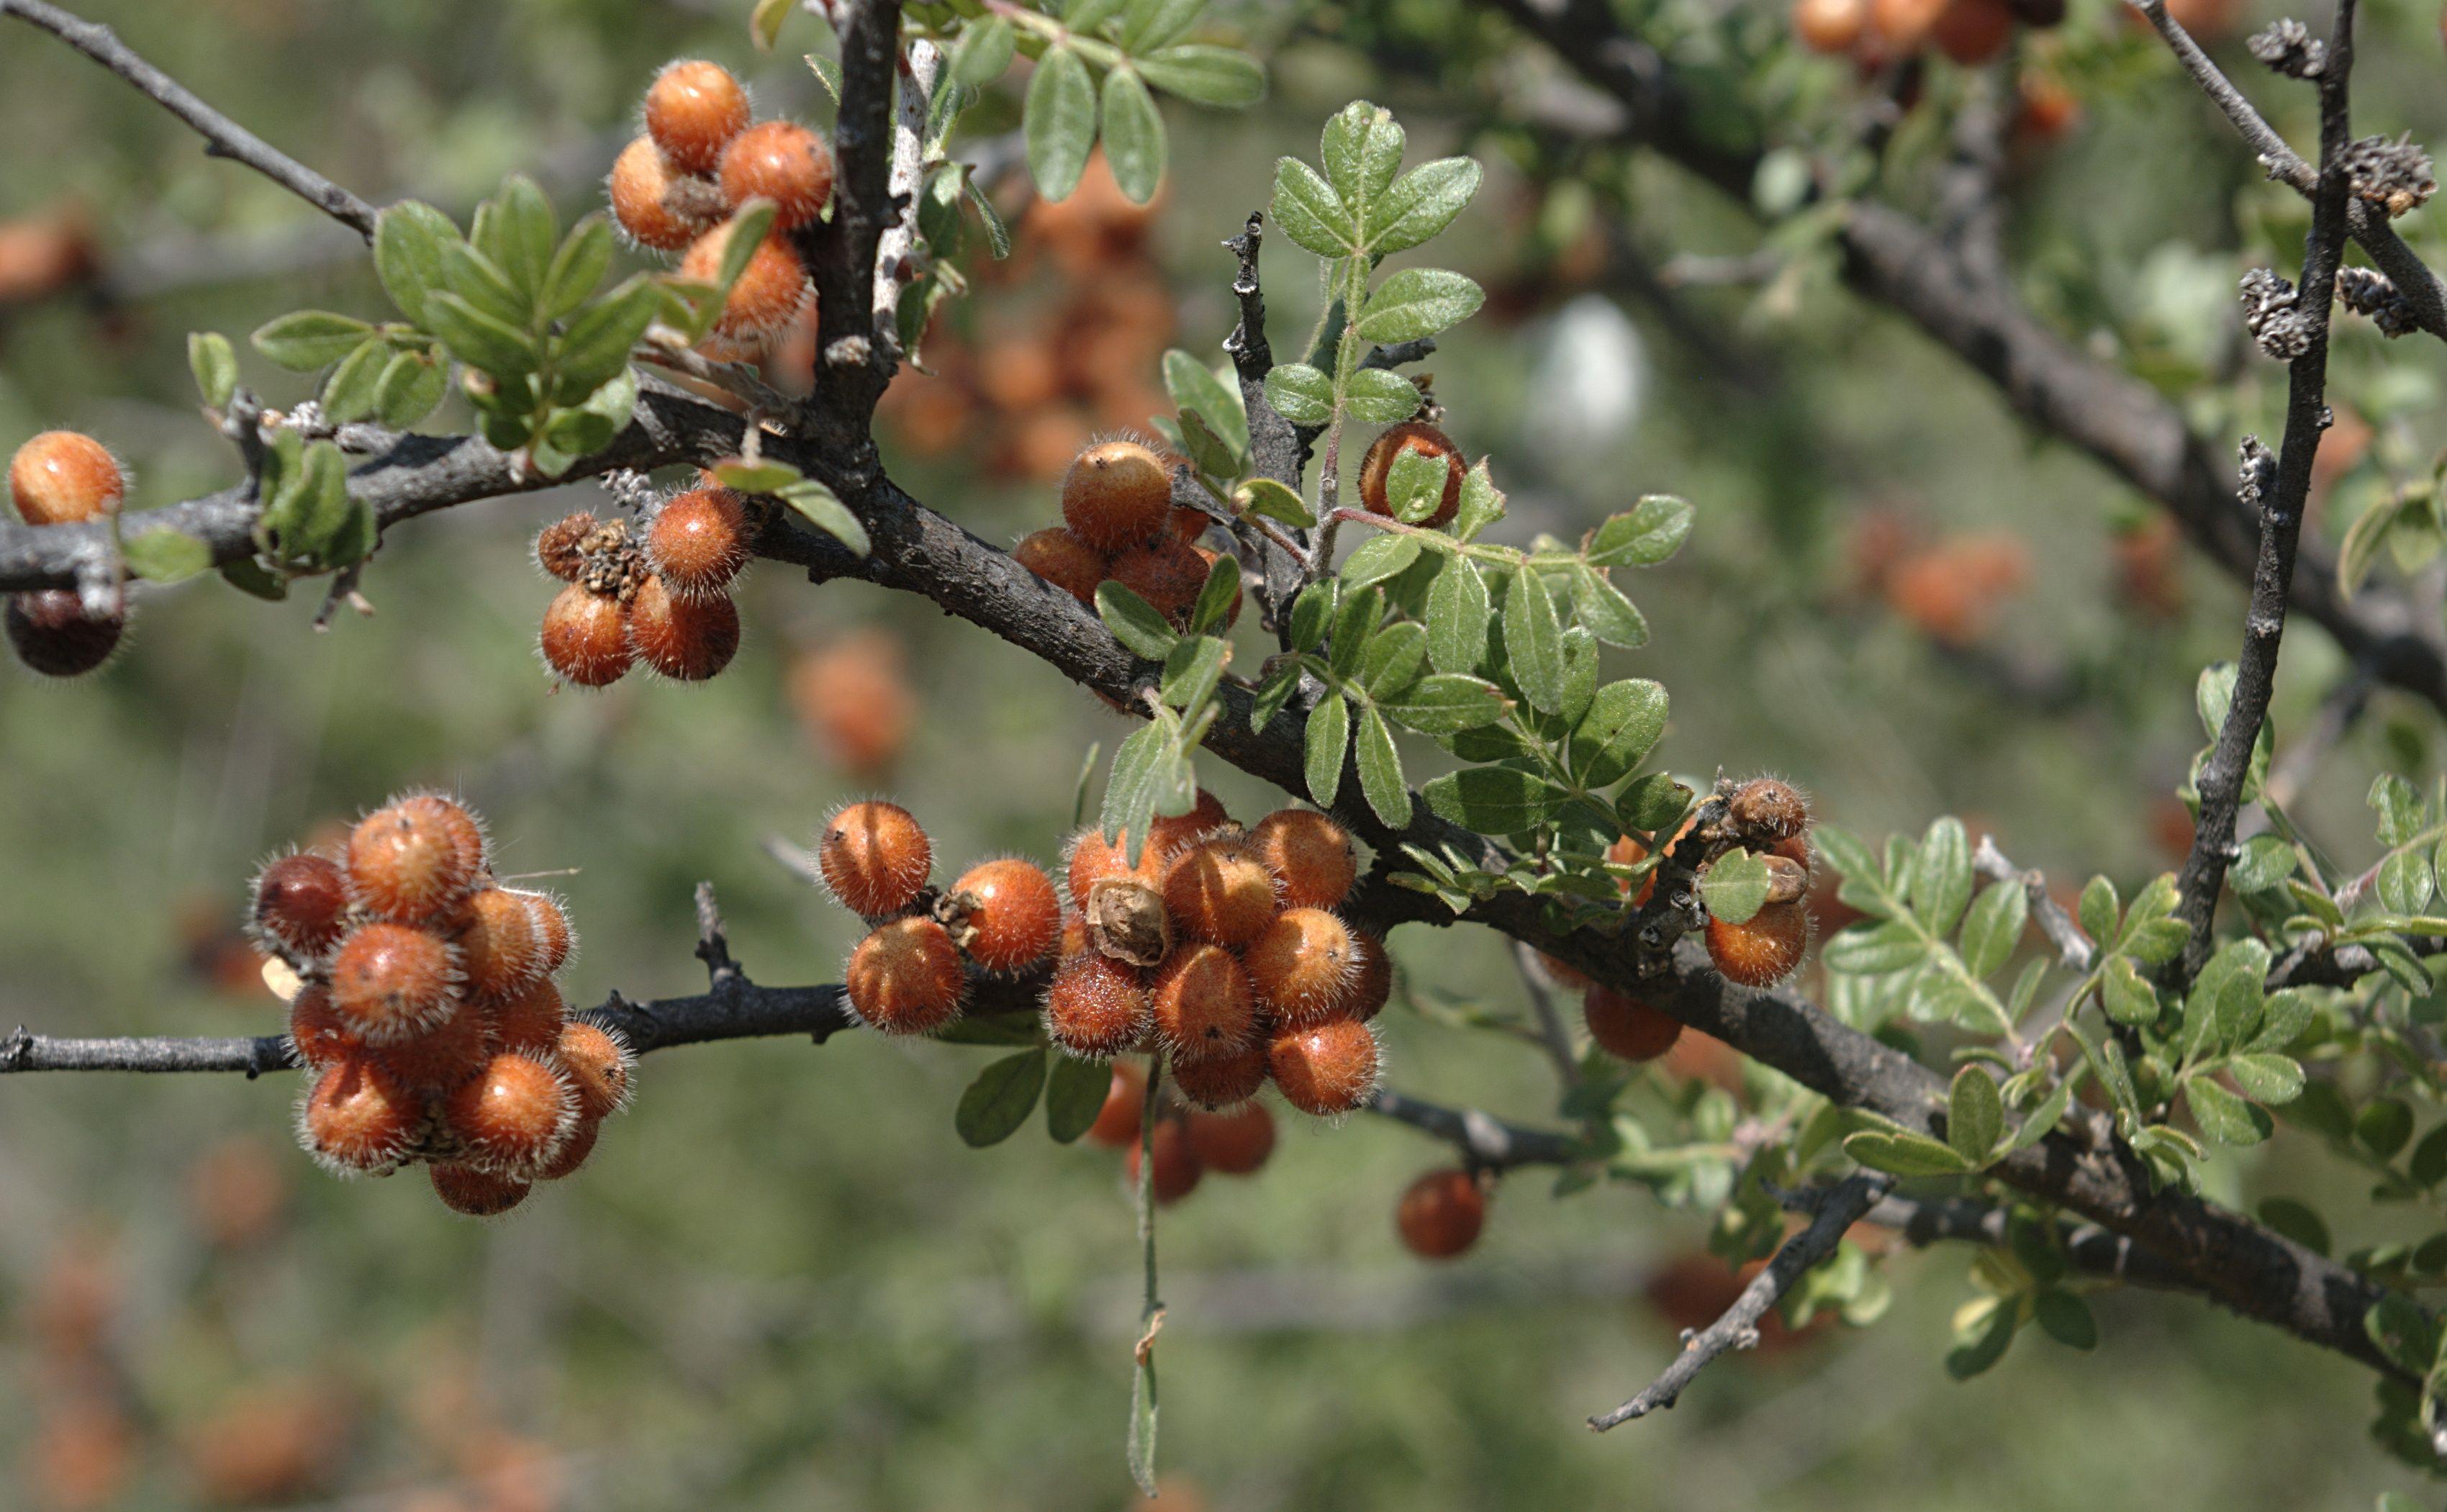 Agrillo Fruta representativa de Arandas Jalisco con la que se elaboran aguas frescas y